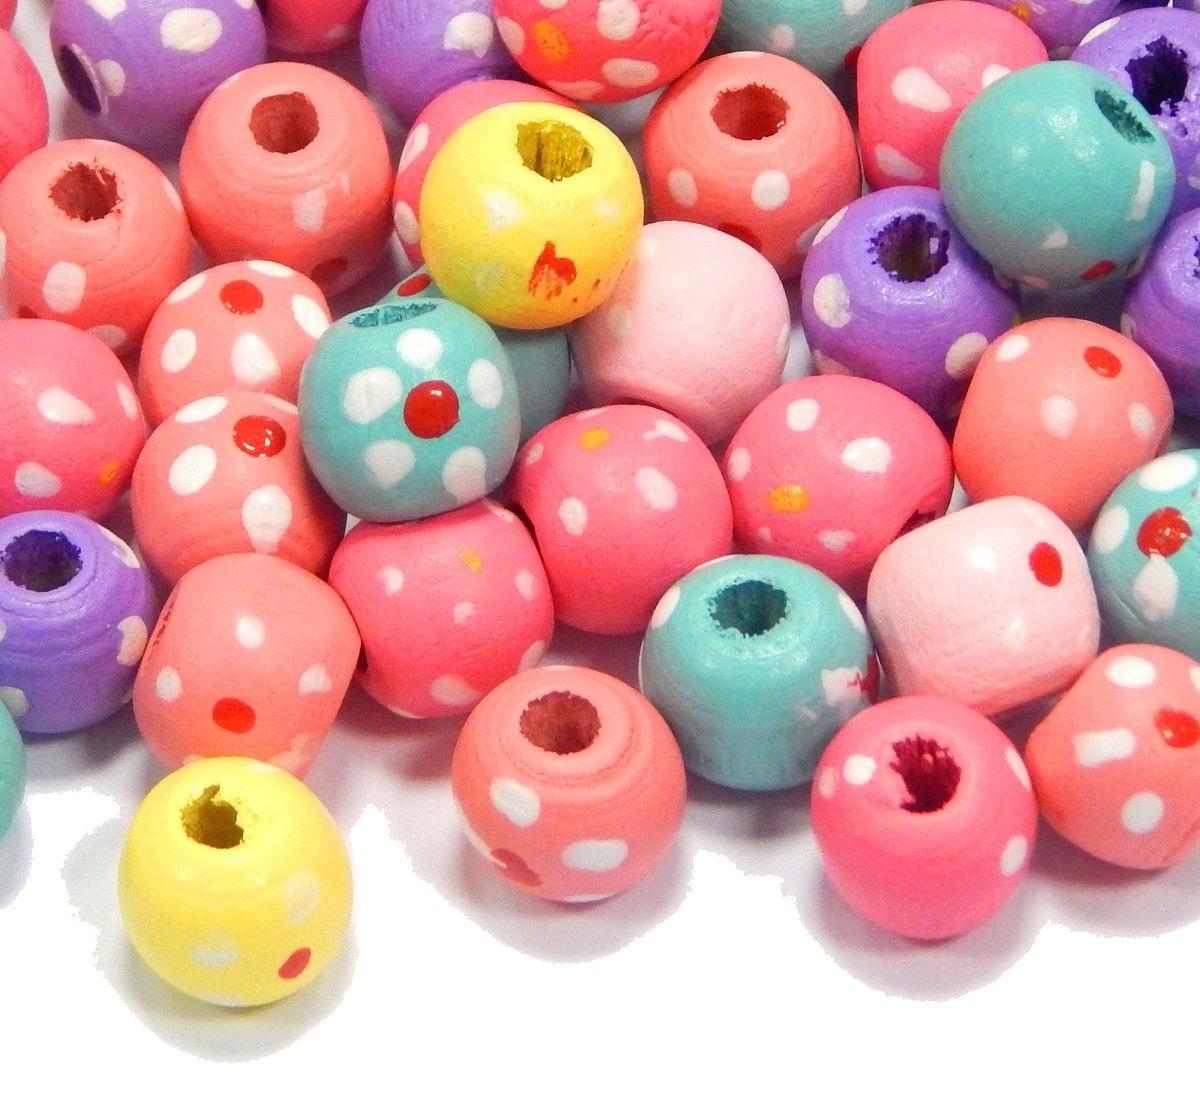 250 perlas de madera de 8 mm con agujero multicolor Donut perlas de madera para enhebrar perlas mezcla para DIY joyas fabricaci/ón Wood Beads H55